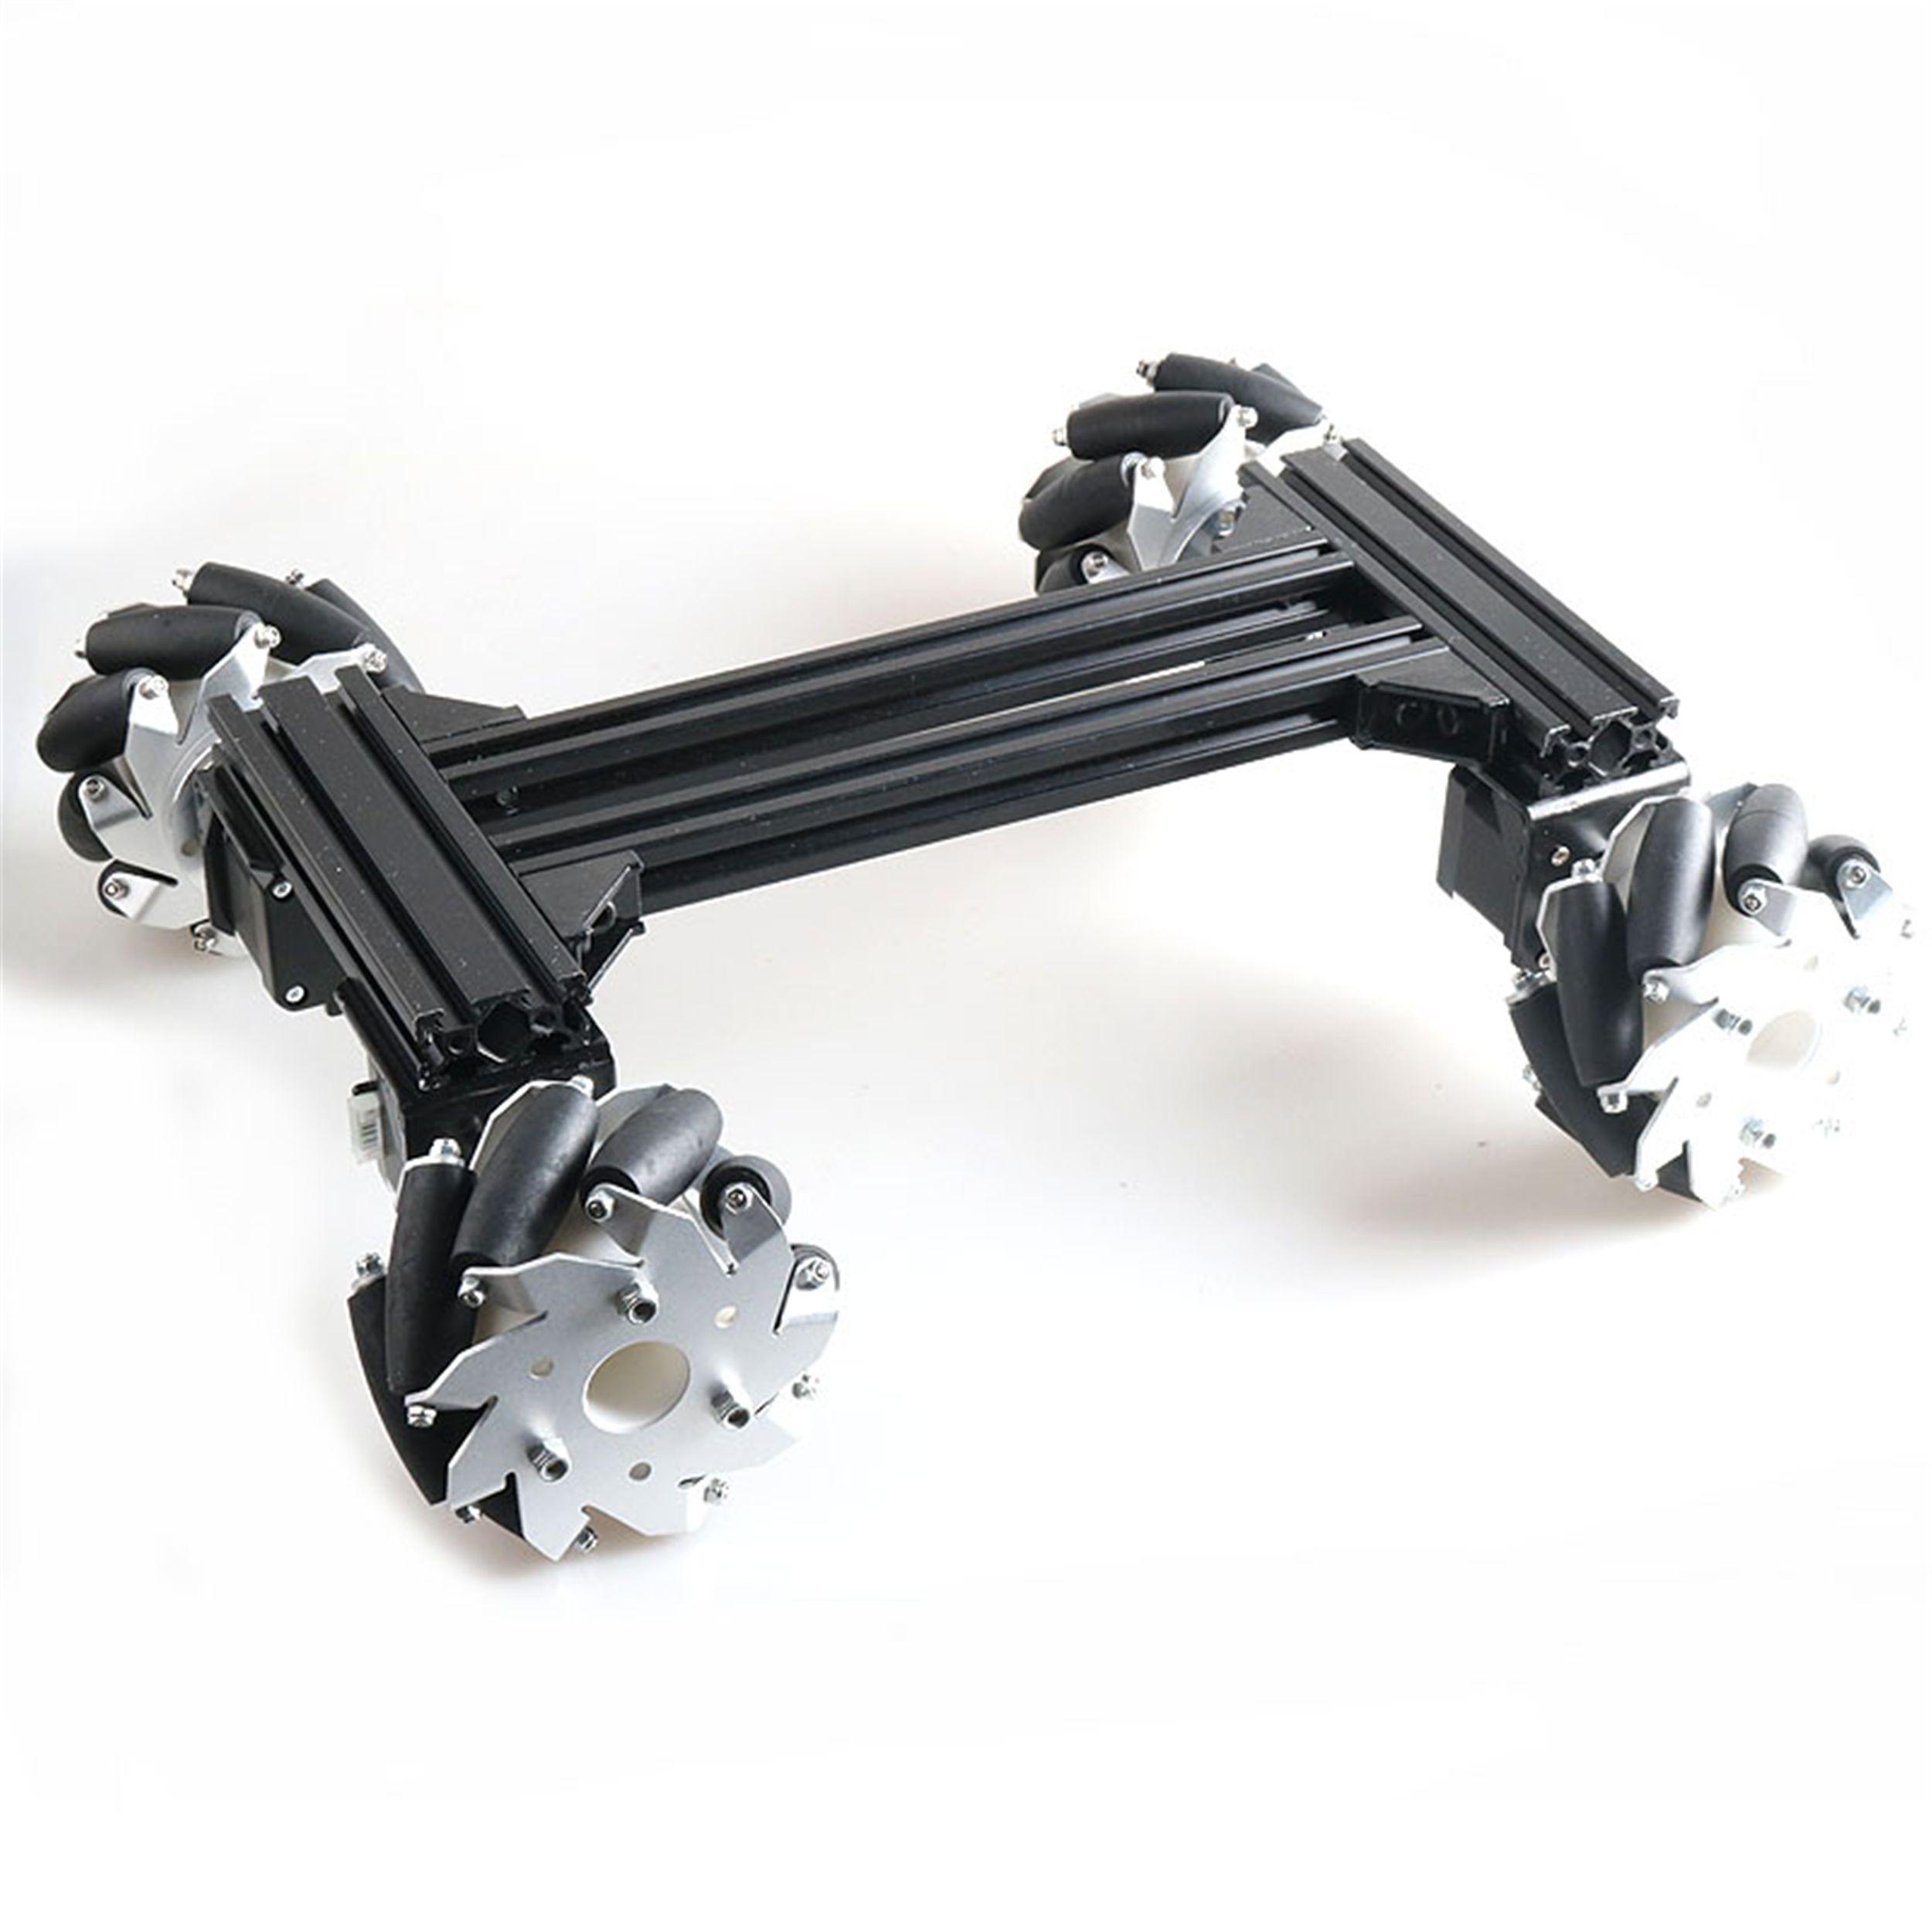 100мм Mecanum Omni колеса High Power Metal RC Robot шасси танка Kit + беспроводной пульт дистанционного управления 4шт 42-шагового двигателя DIY для Arduino